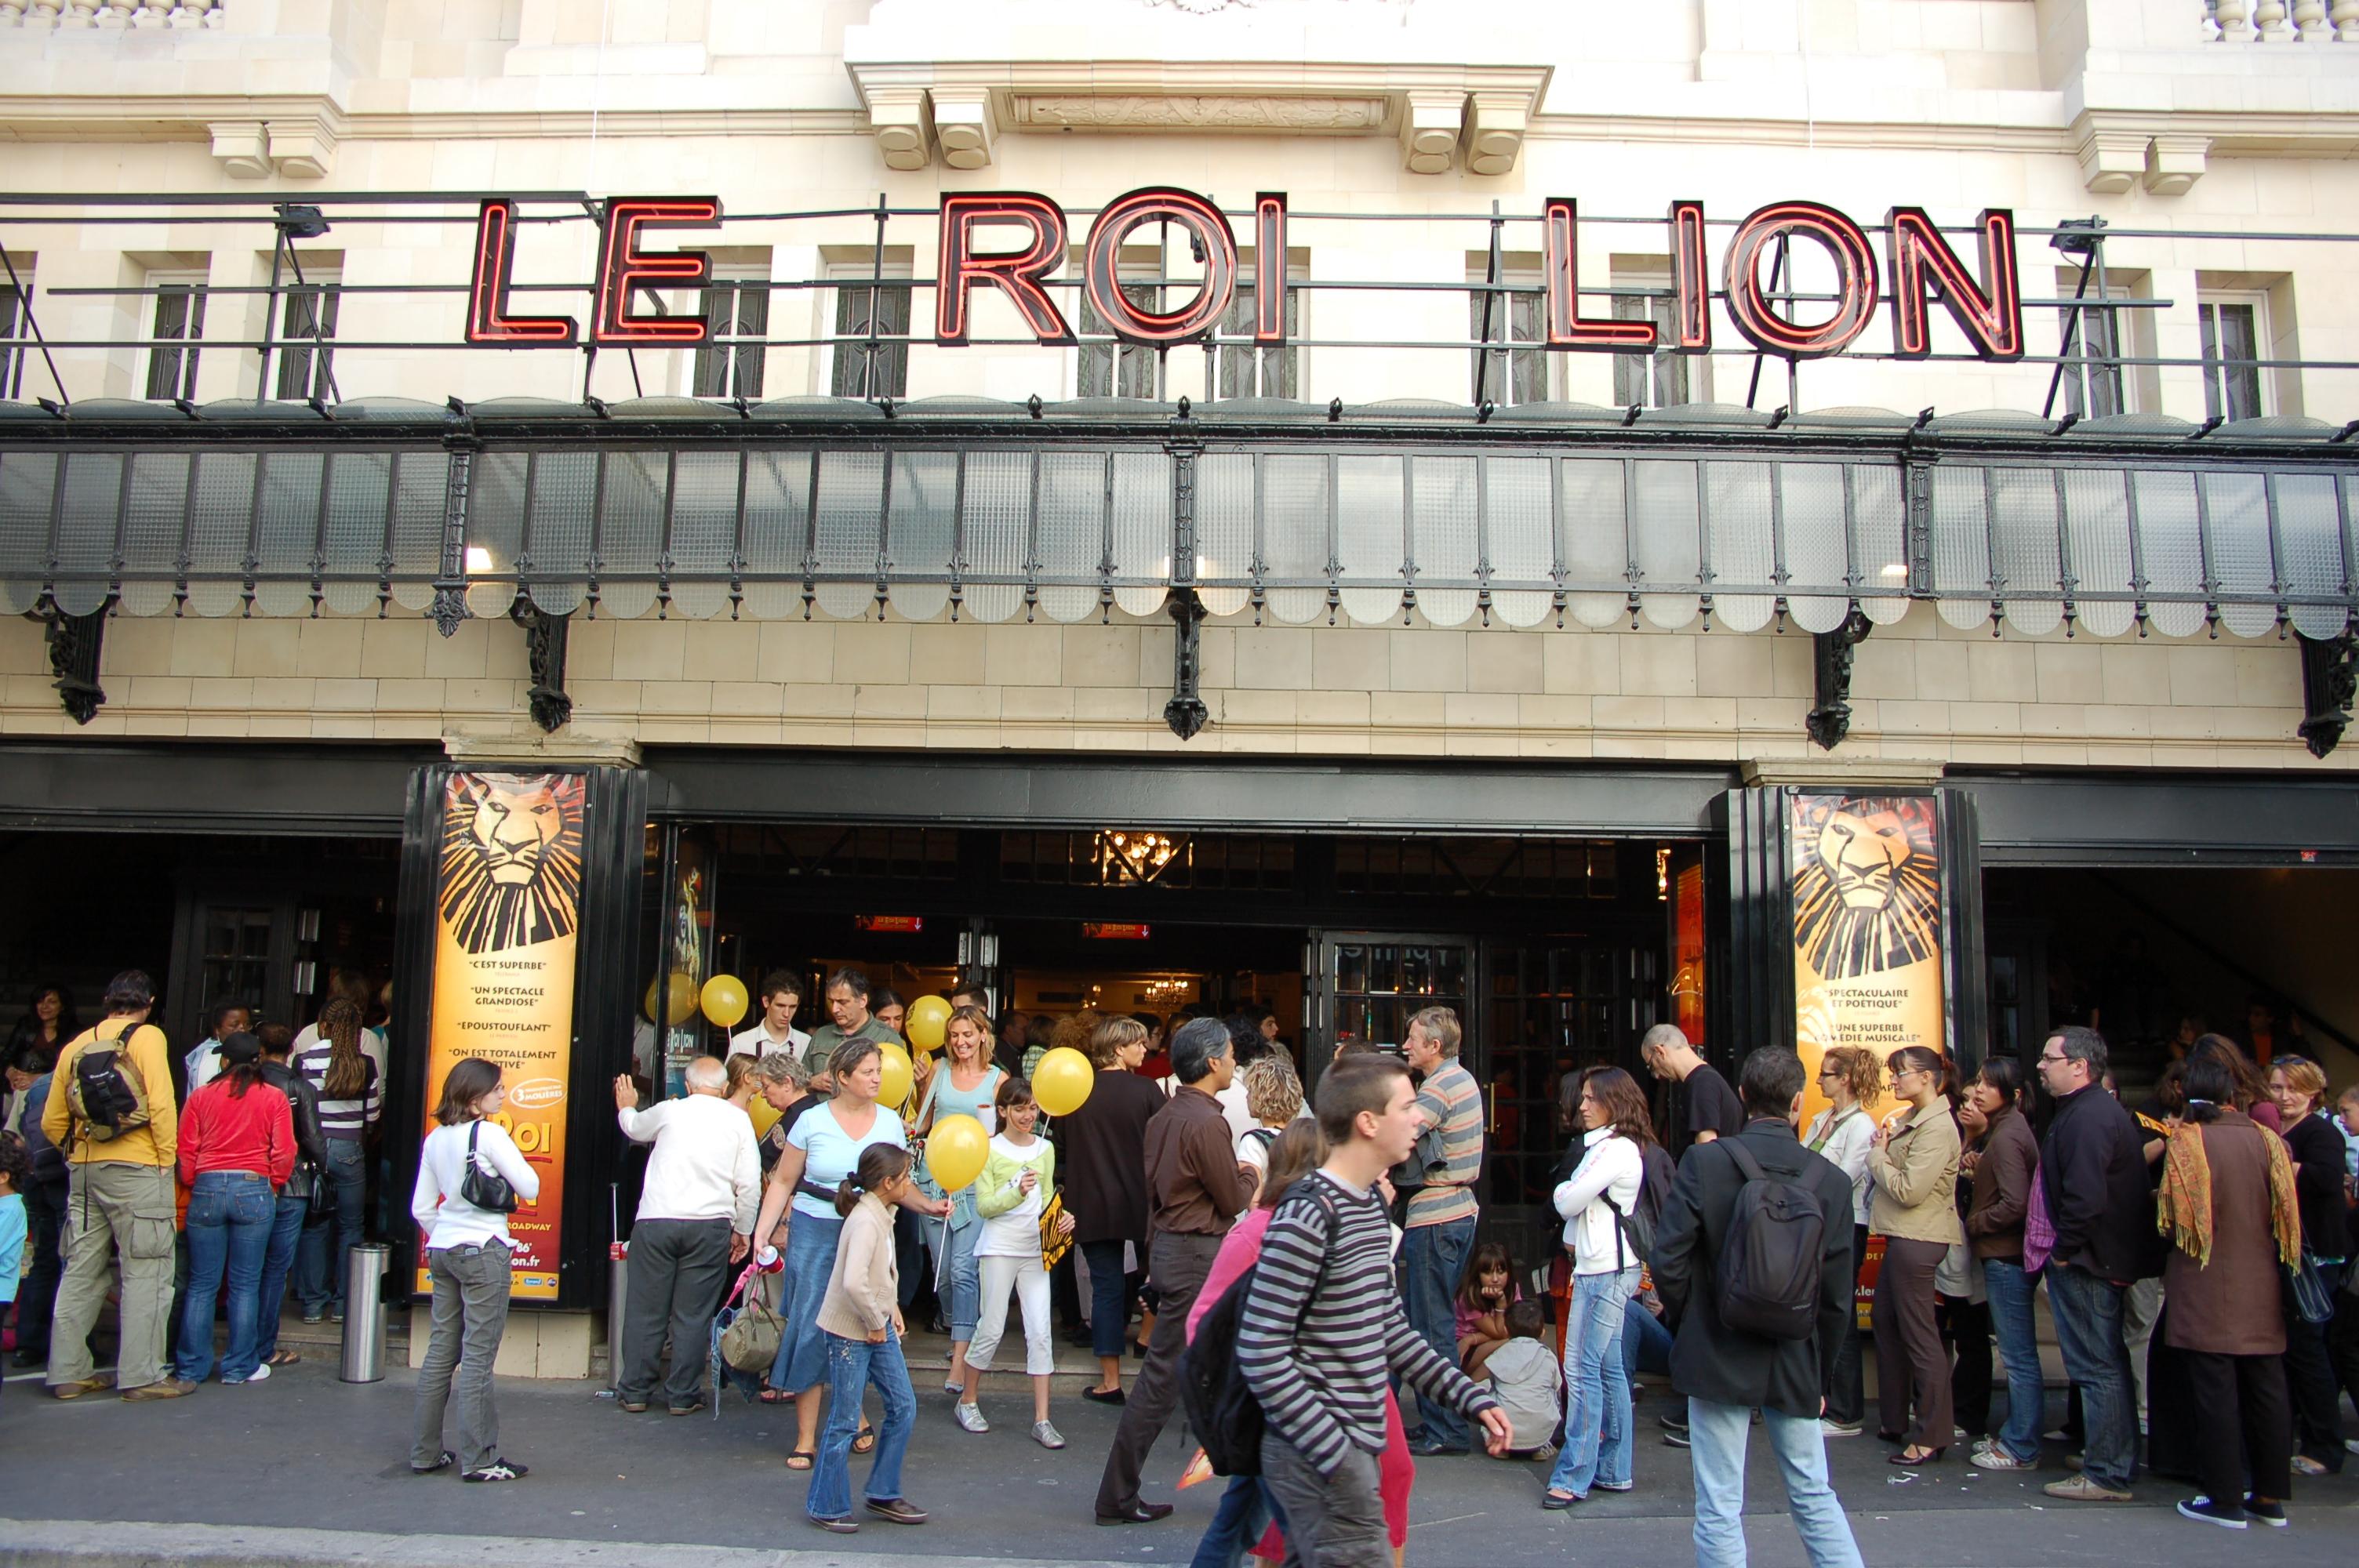 Les Portes Ouvertes du Roi Lion au théâtre Mogador